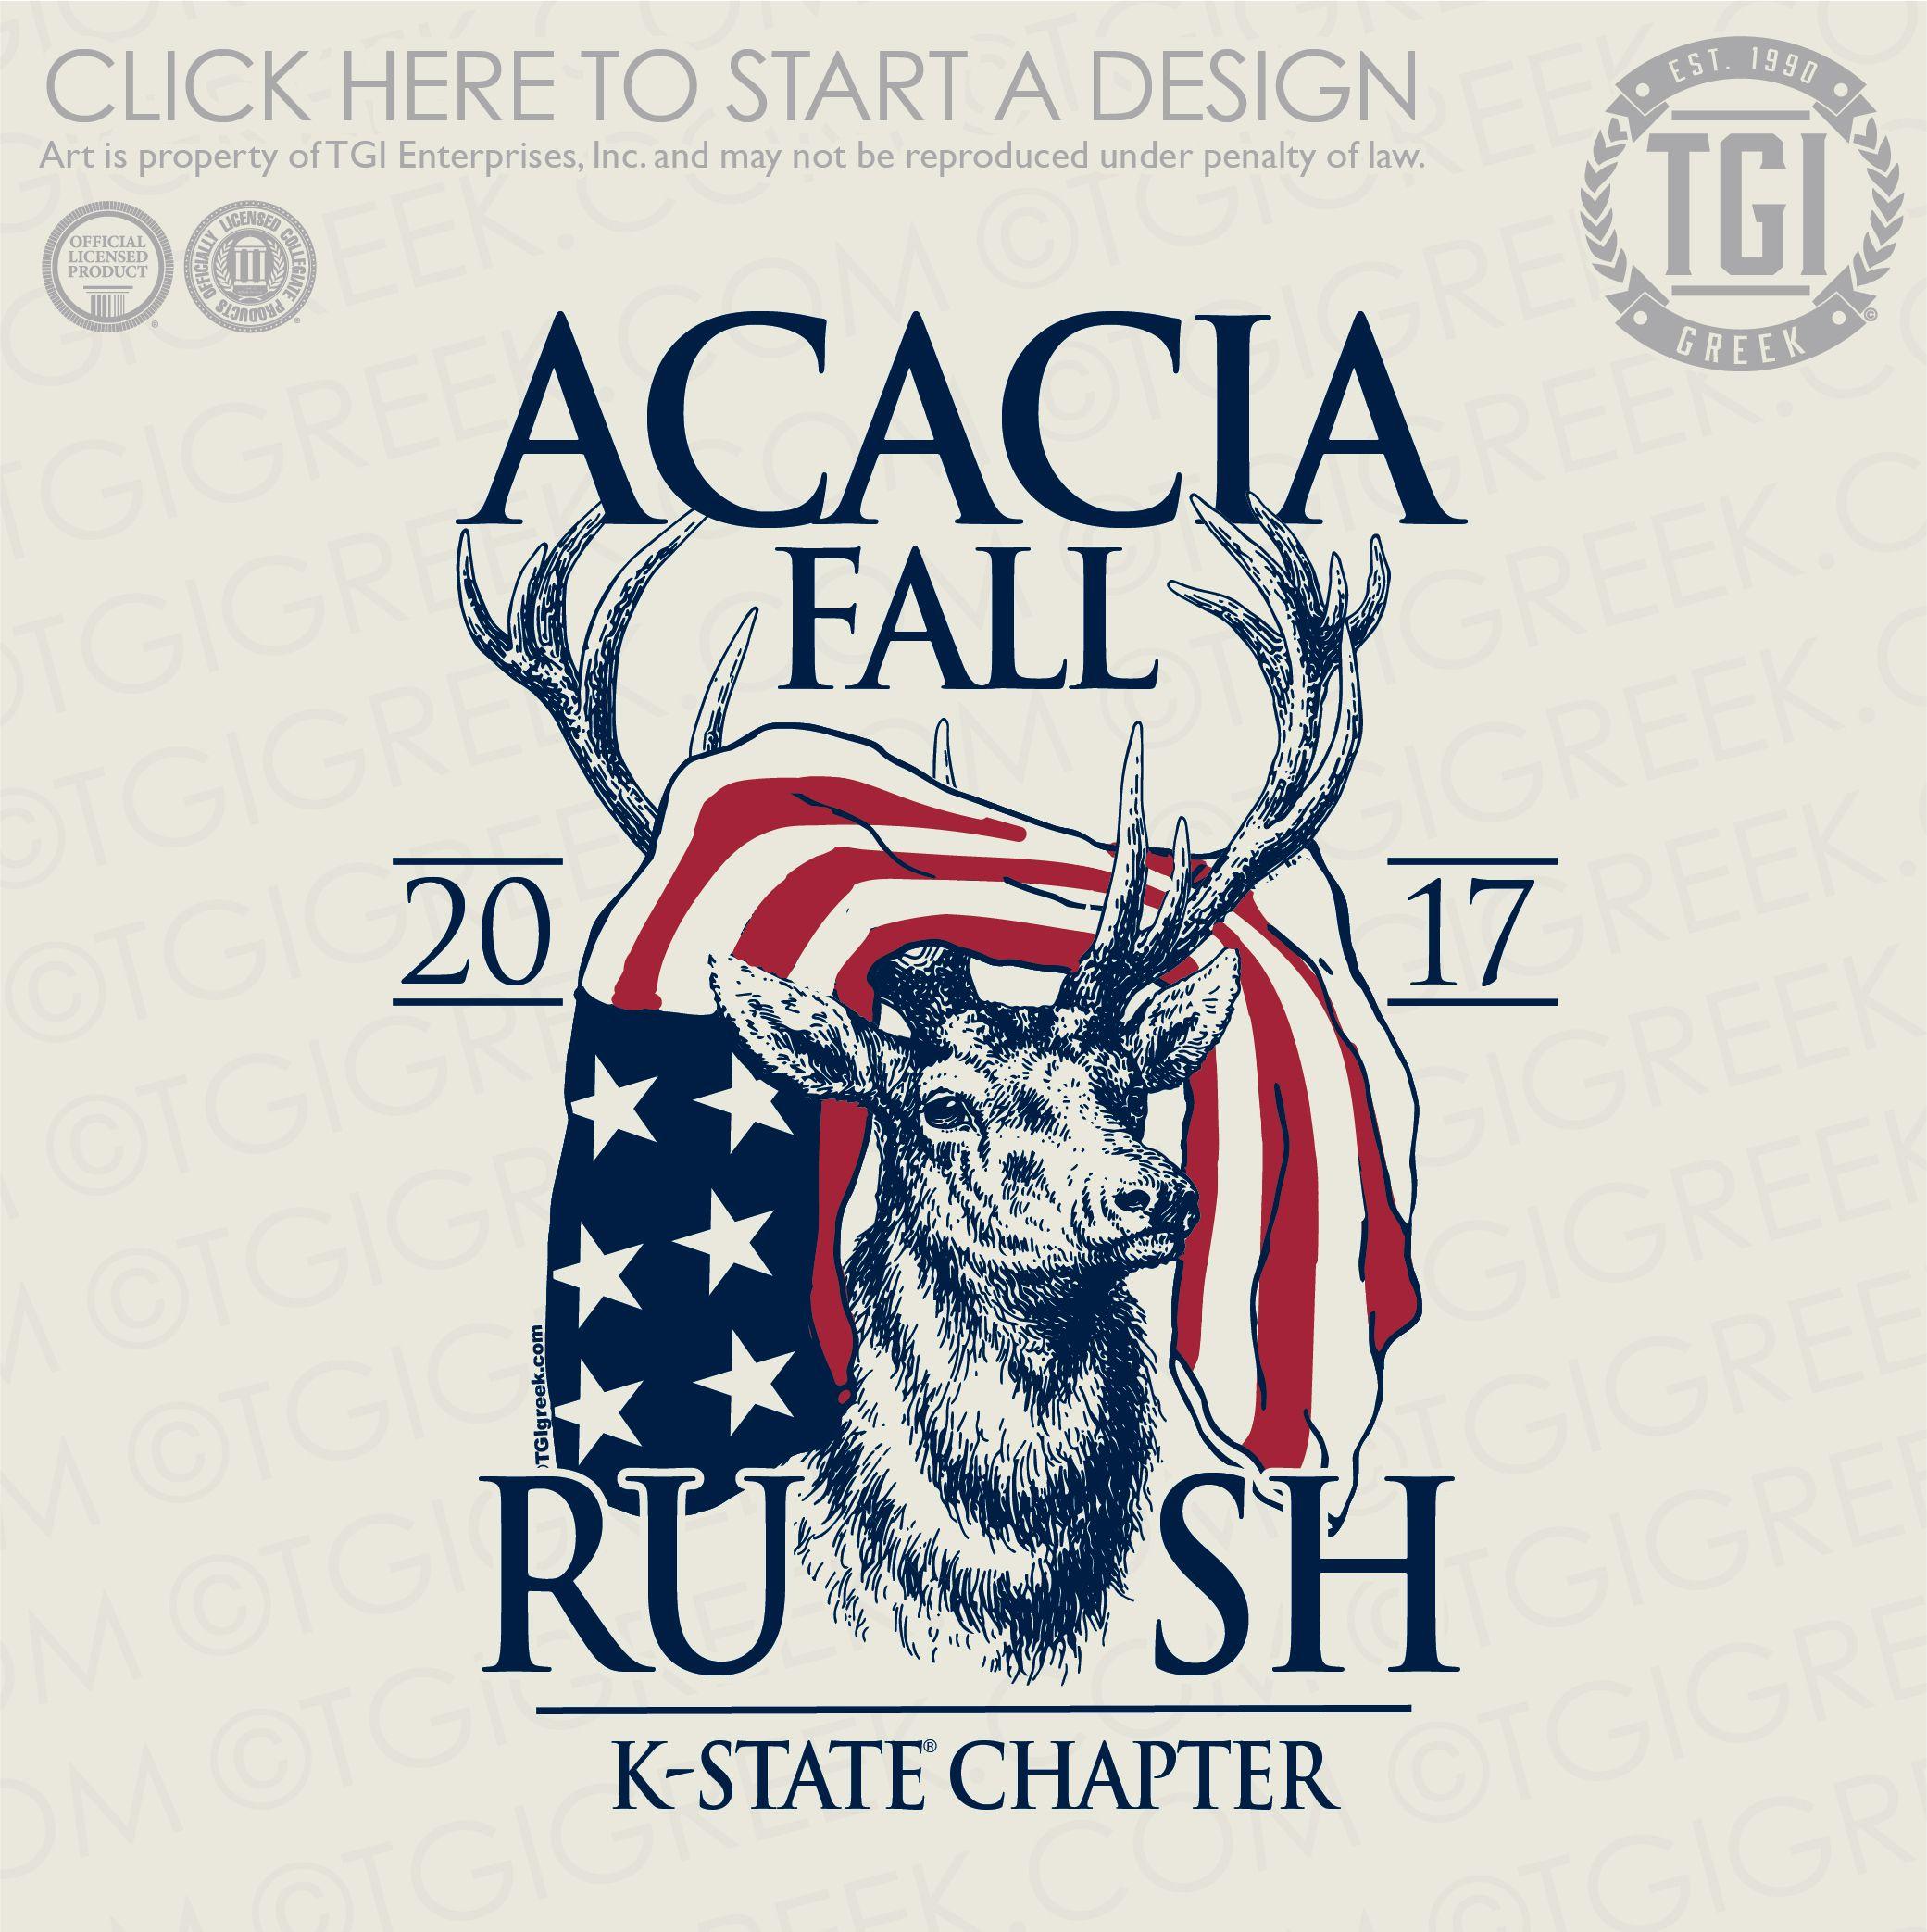 Acacia Fall Rush Rush Shirt Tgi Greek Greek Apparel Custom